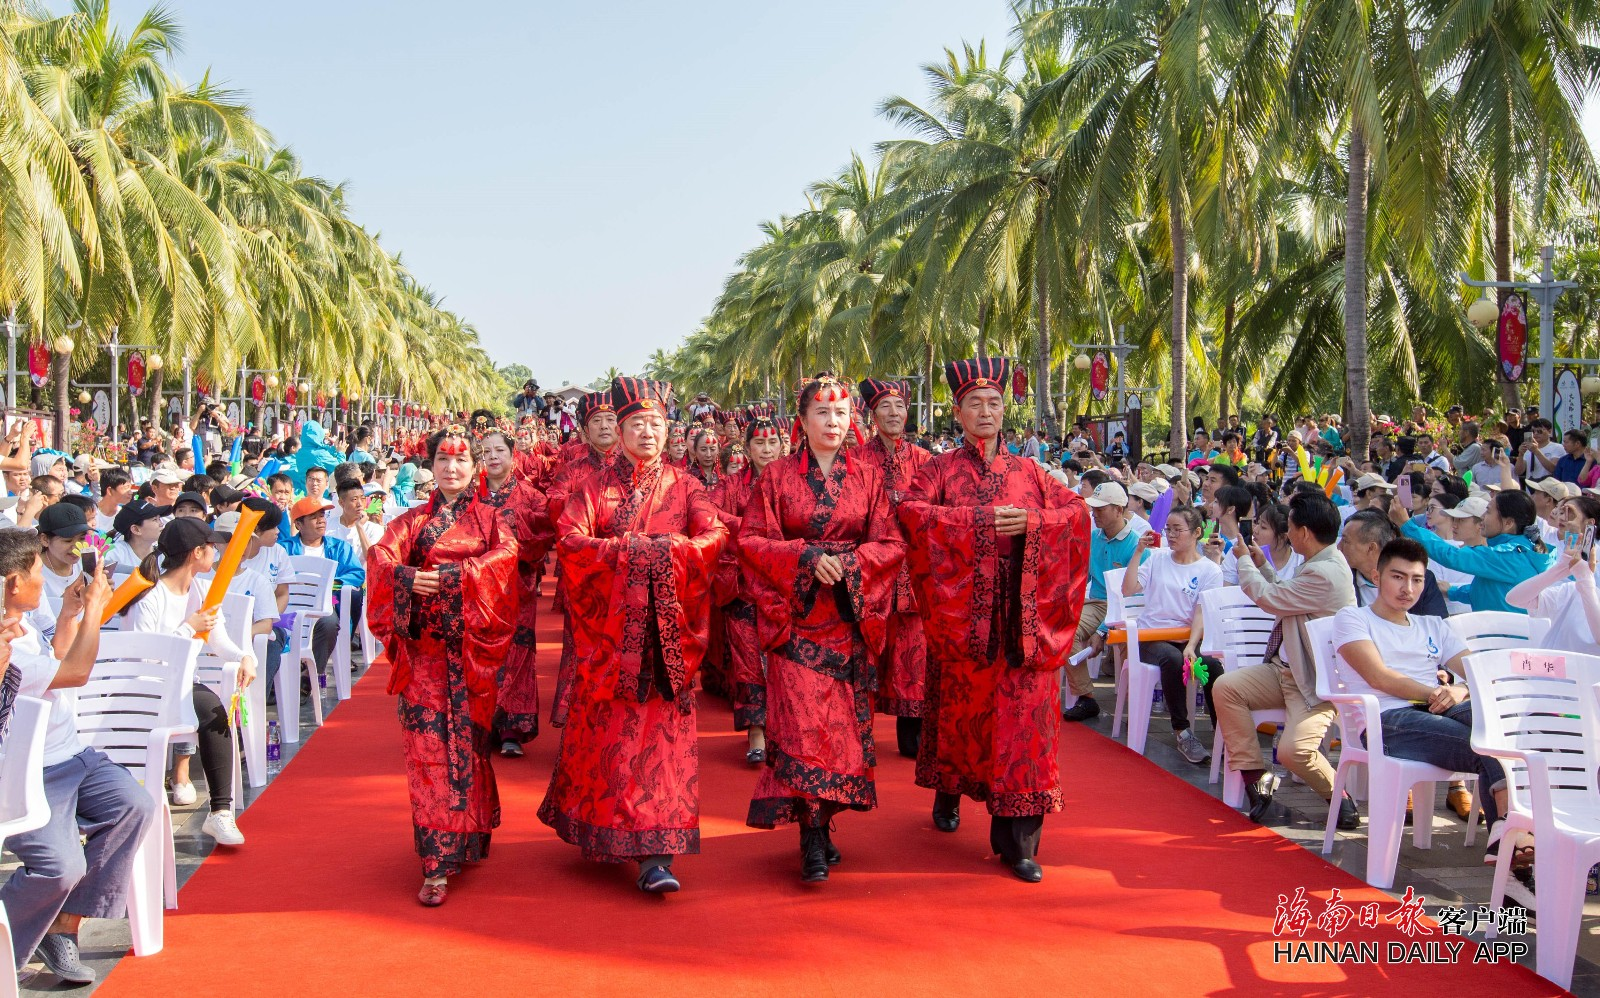 """三亚天涯海角国际婚庆节开幕 百对夫妇还原""""汉式婚礼"""""""